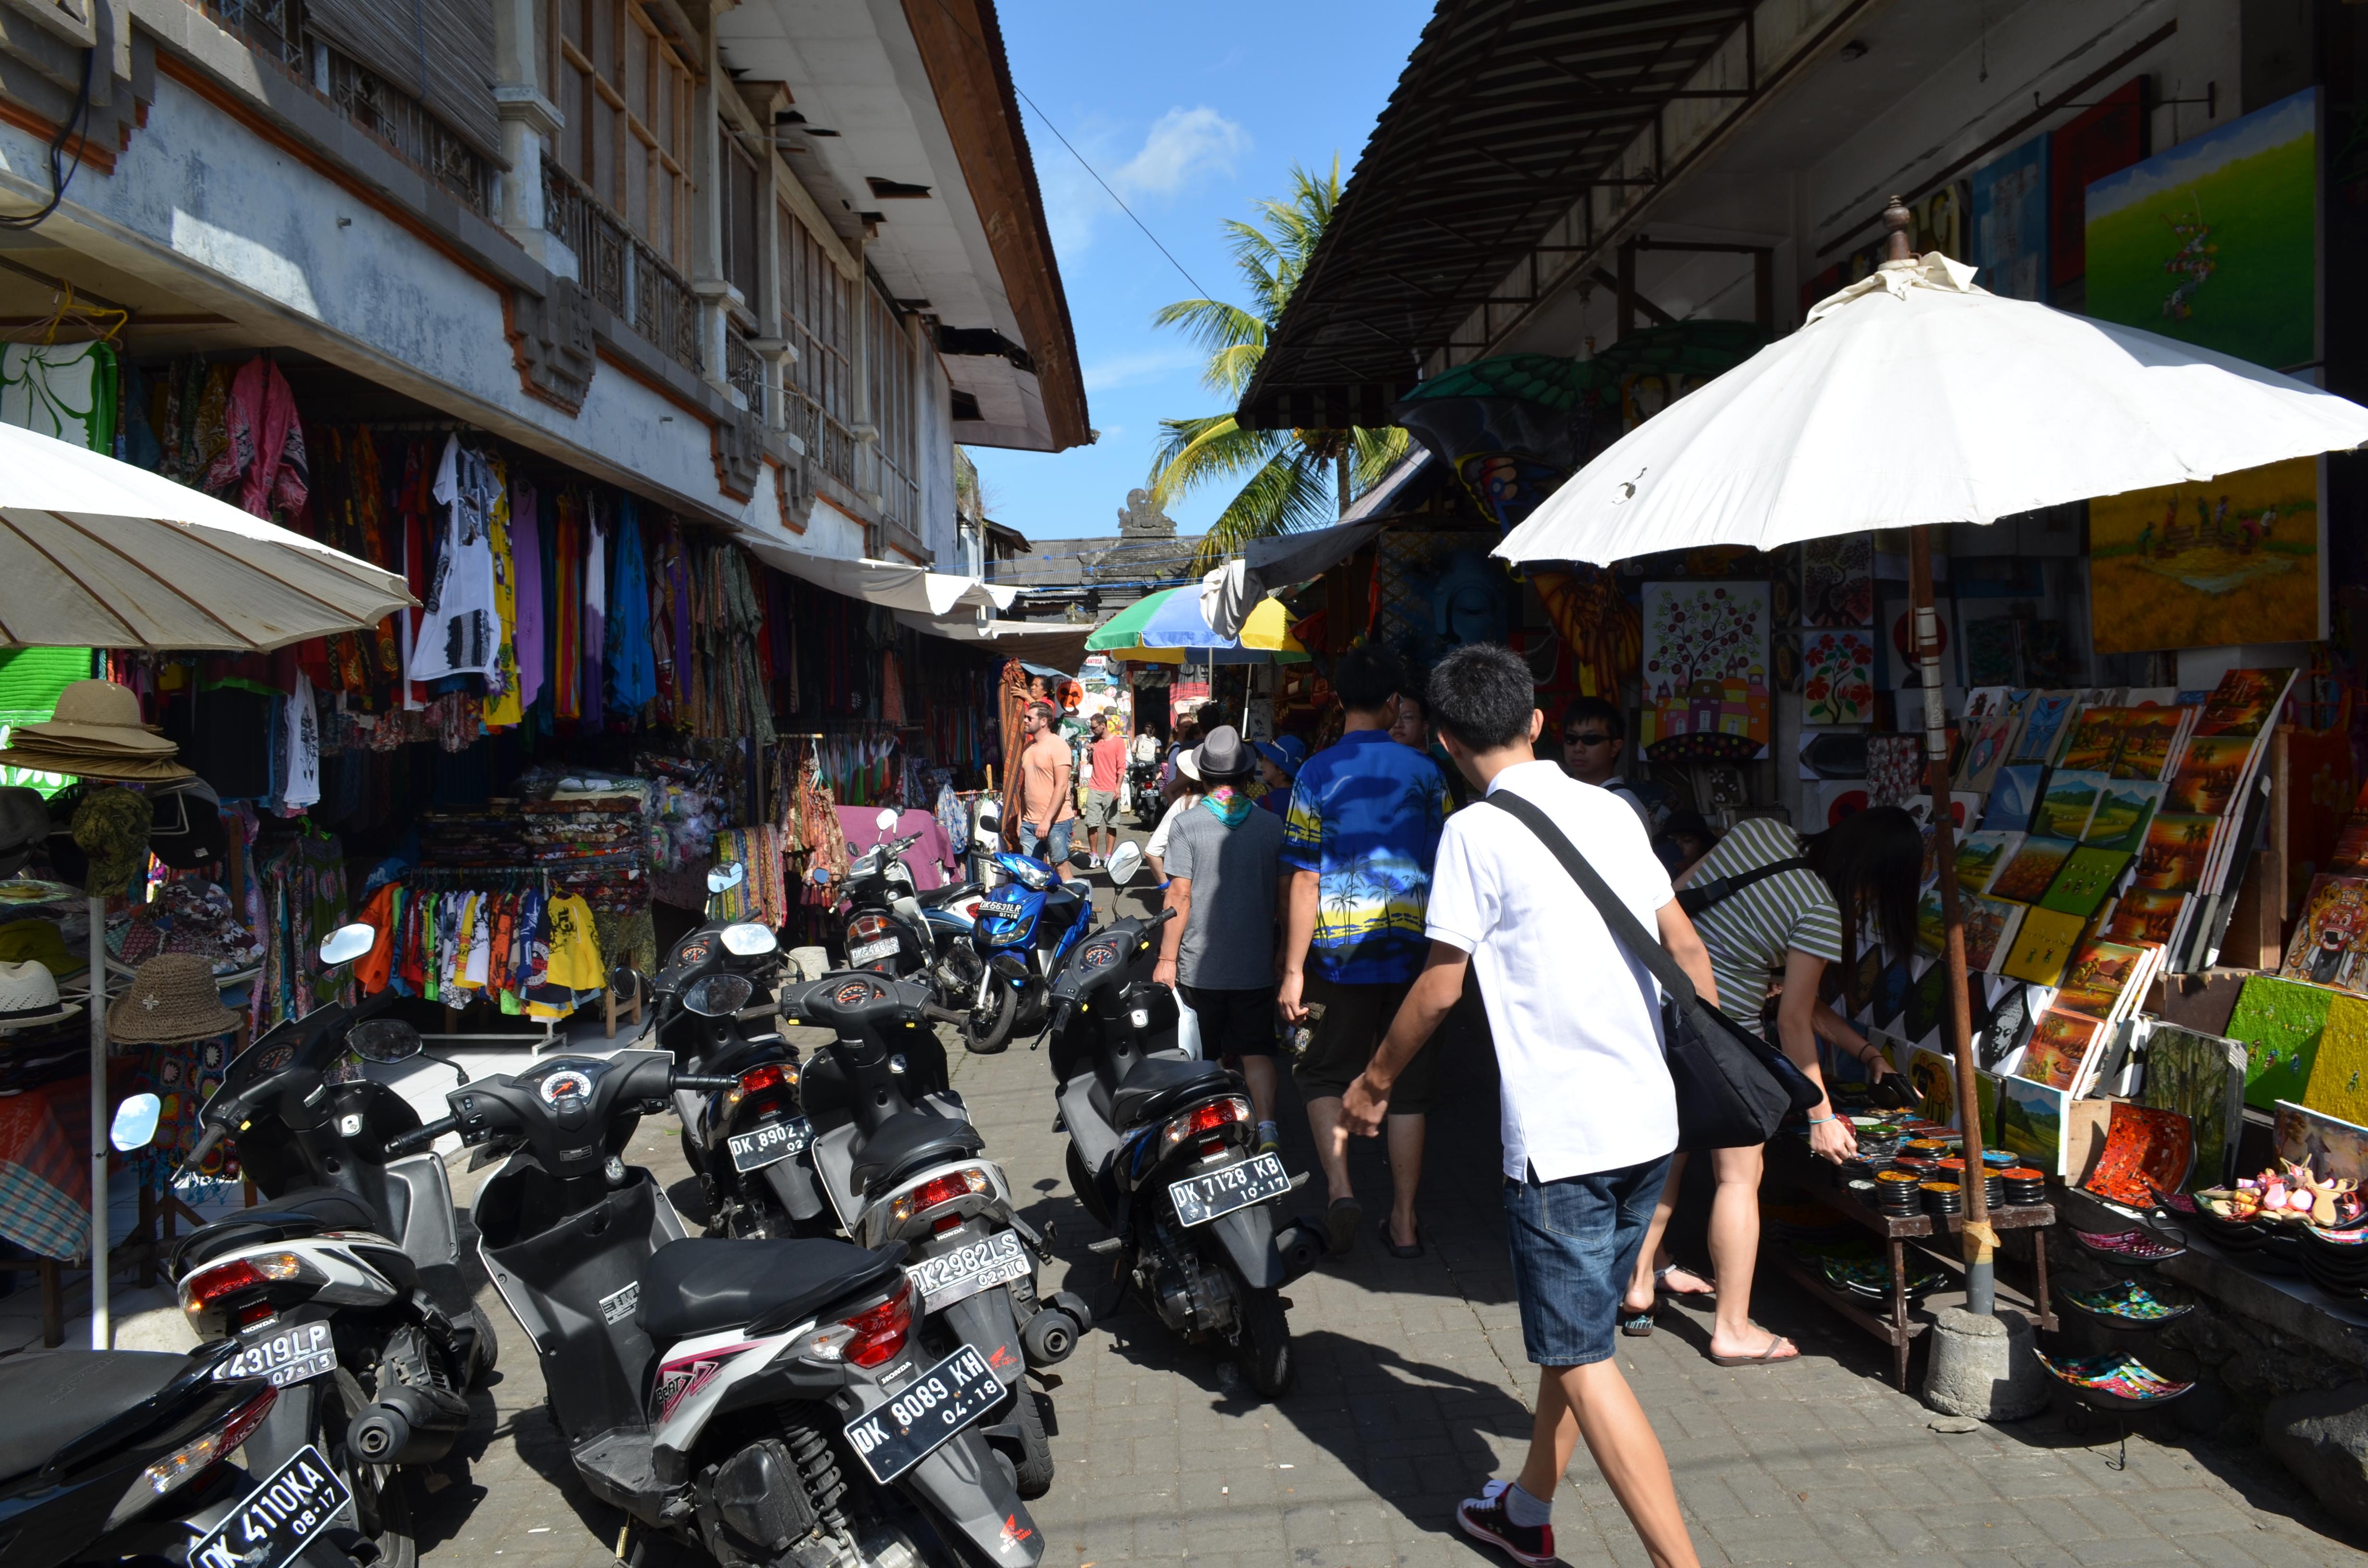 部门团队出游,5天4夜巴厘岛,明白消费不忽悠享受异国风土人情